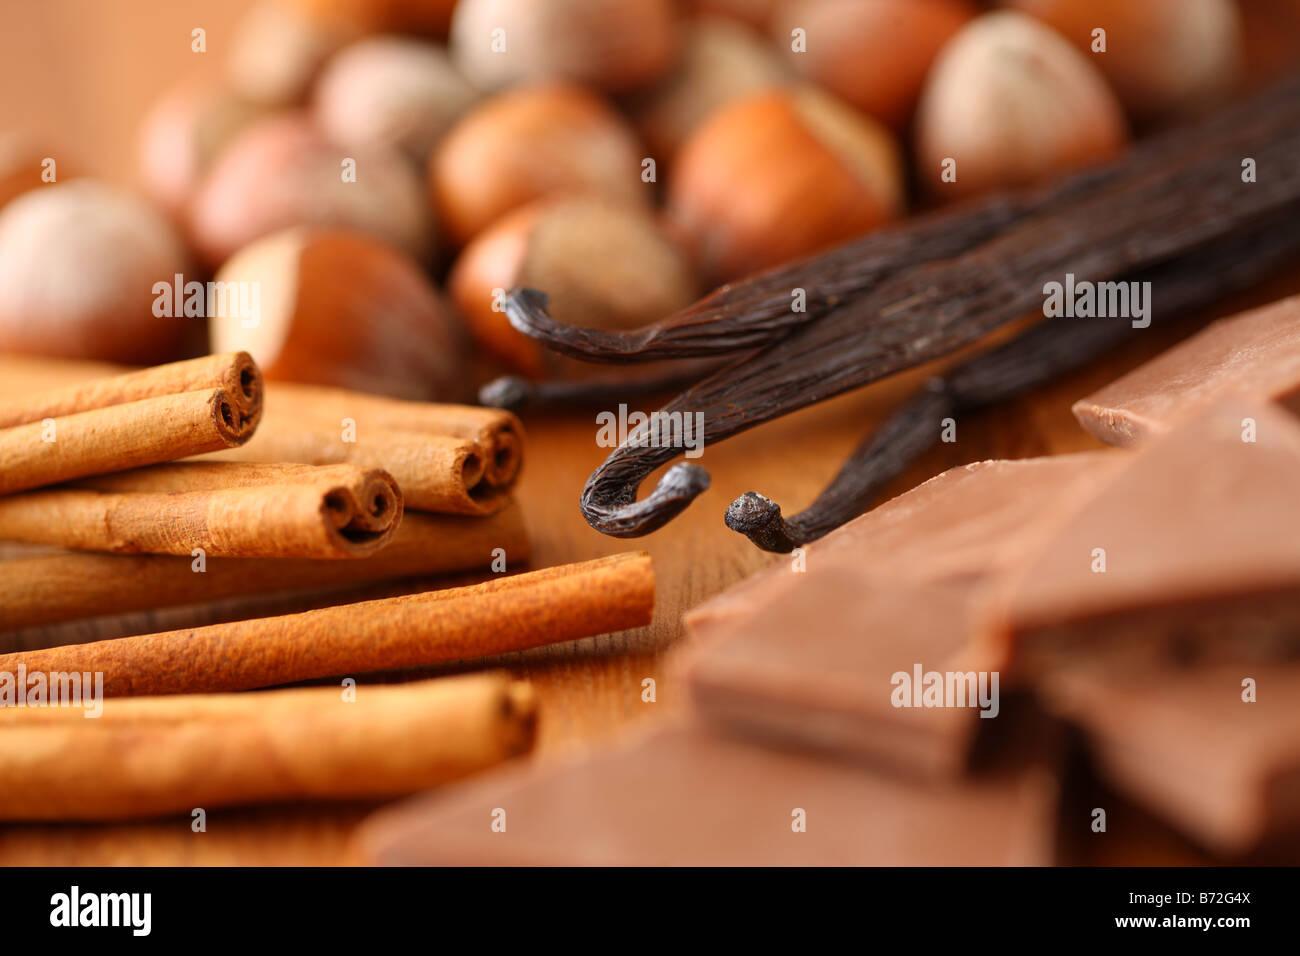 Avellanas Cinnamon Sticks frijoles de vainilla y chocolate Imagen De Stock